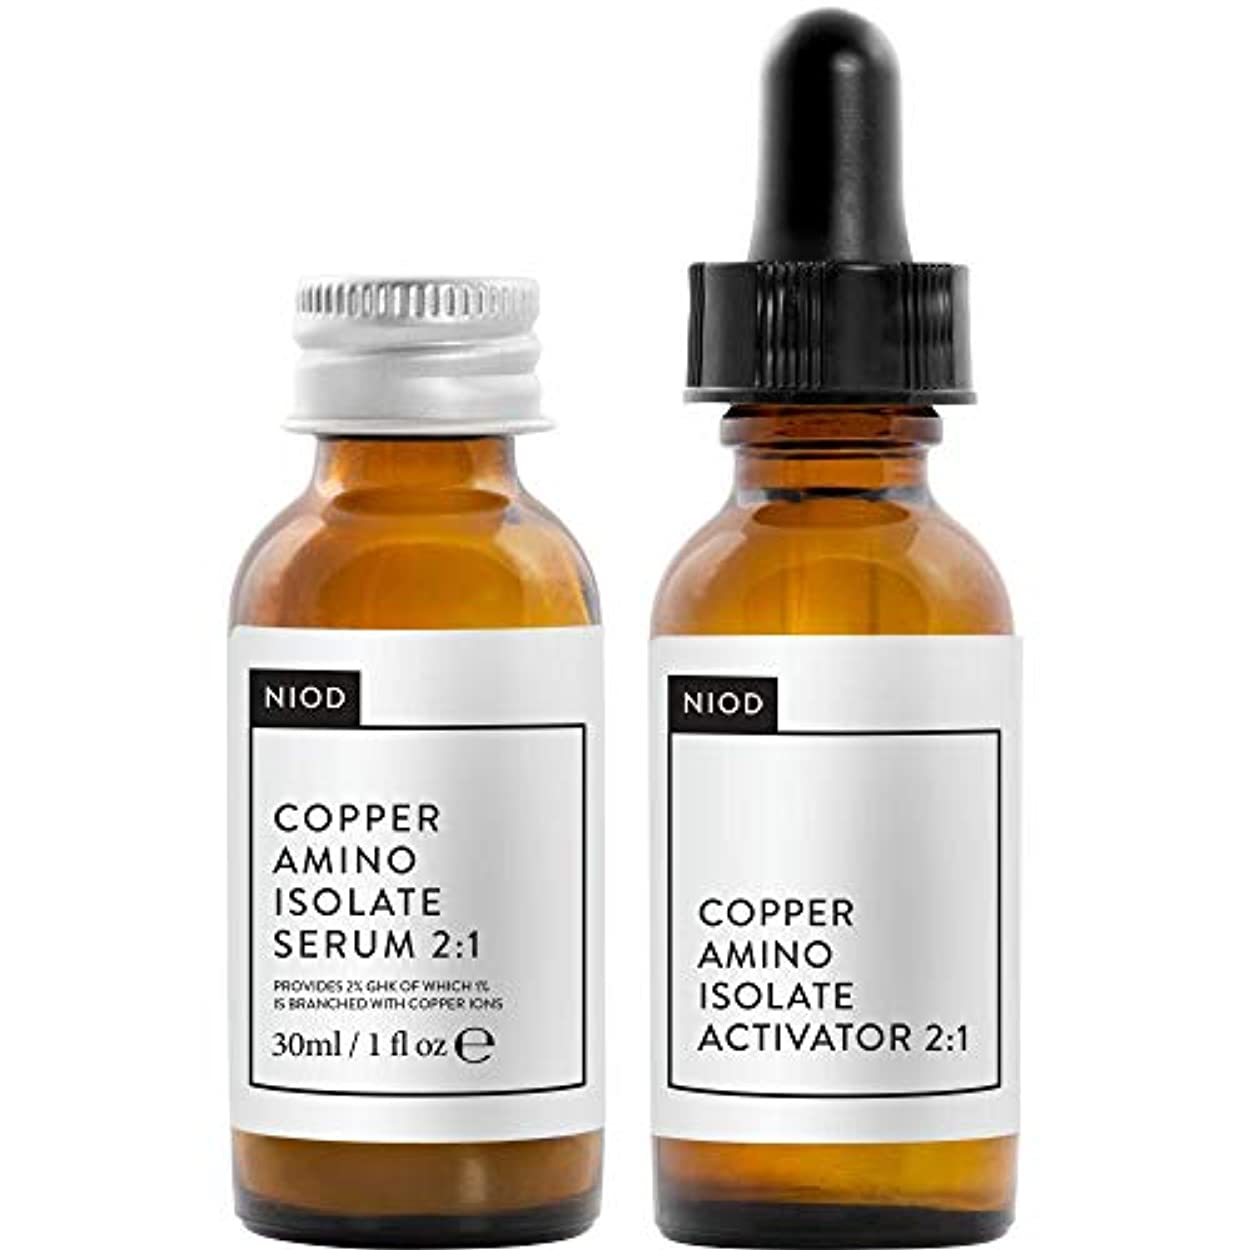 行くブースビル[NIOD] Niod銅アミノ分離株の血清2:1 30ミリリットル - NIOD Copper Amino Isolate Serum 2:1 30ml [並行輸入品]